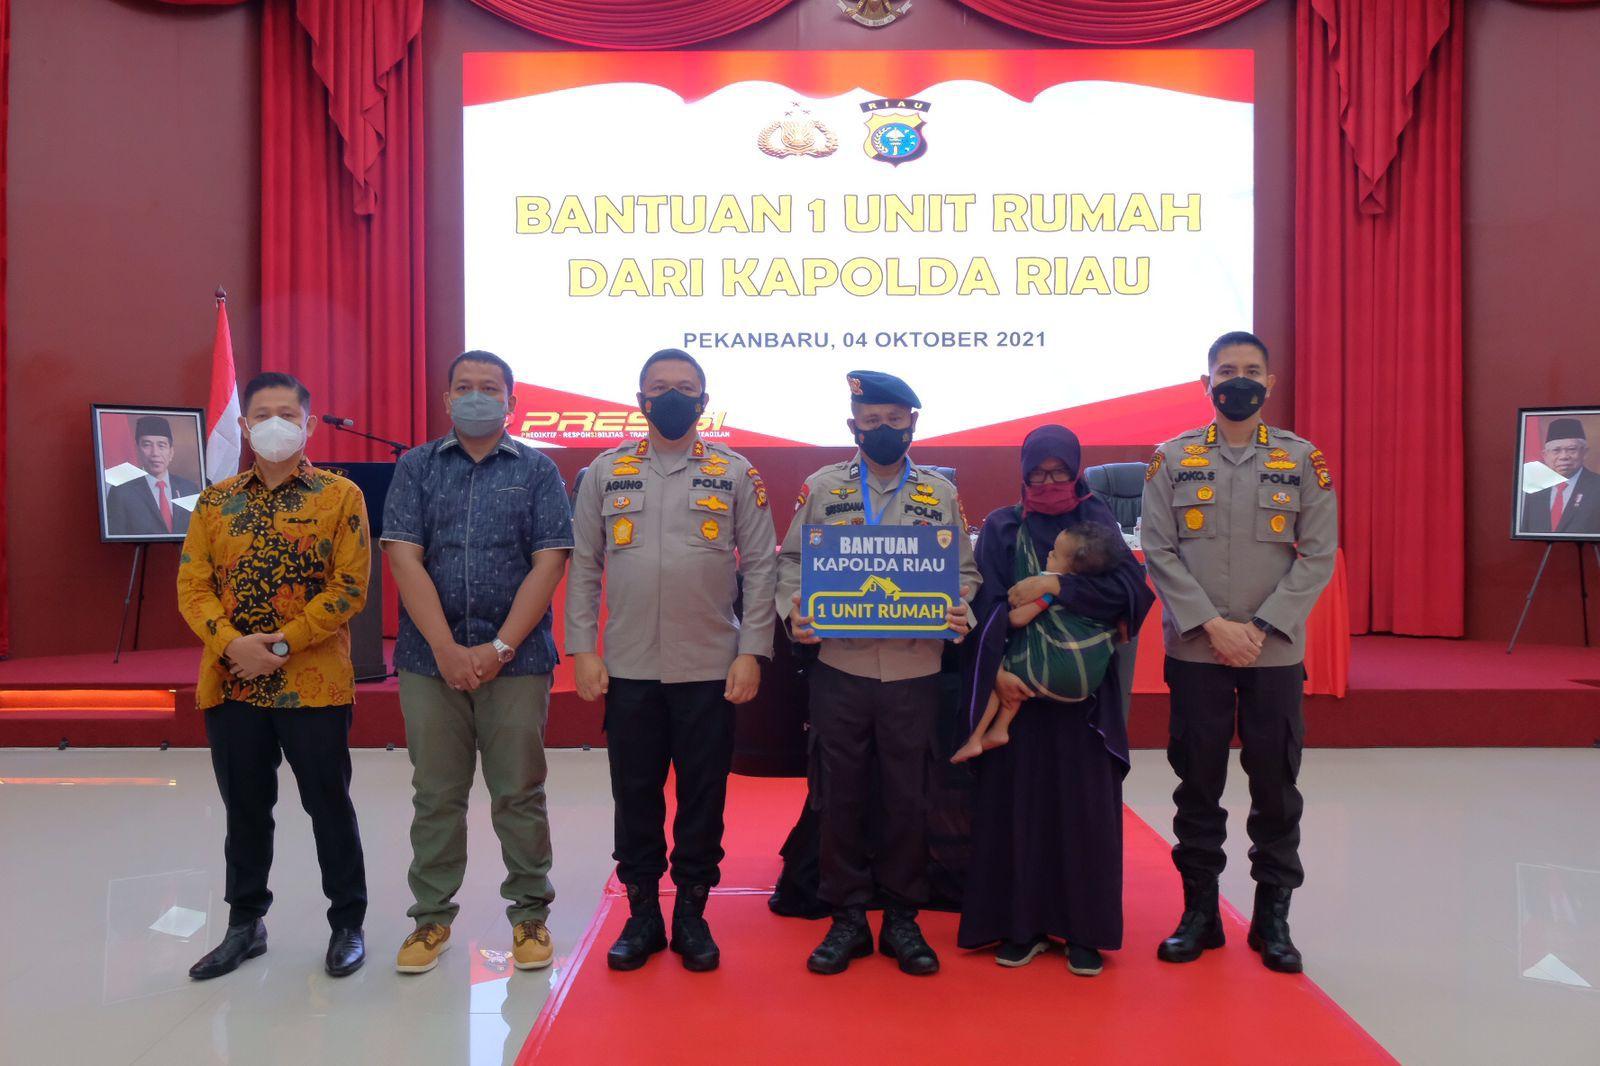 Jelang Masa Pensiun, Personel Brimob Menangis Dapat Rumah dari Kapolda Riau